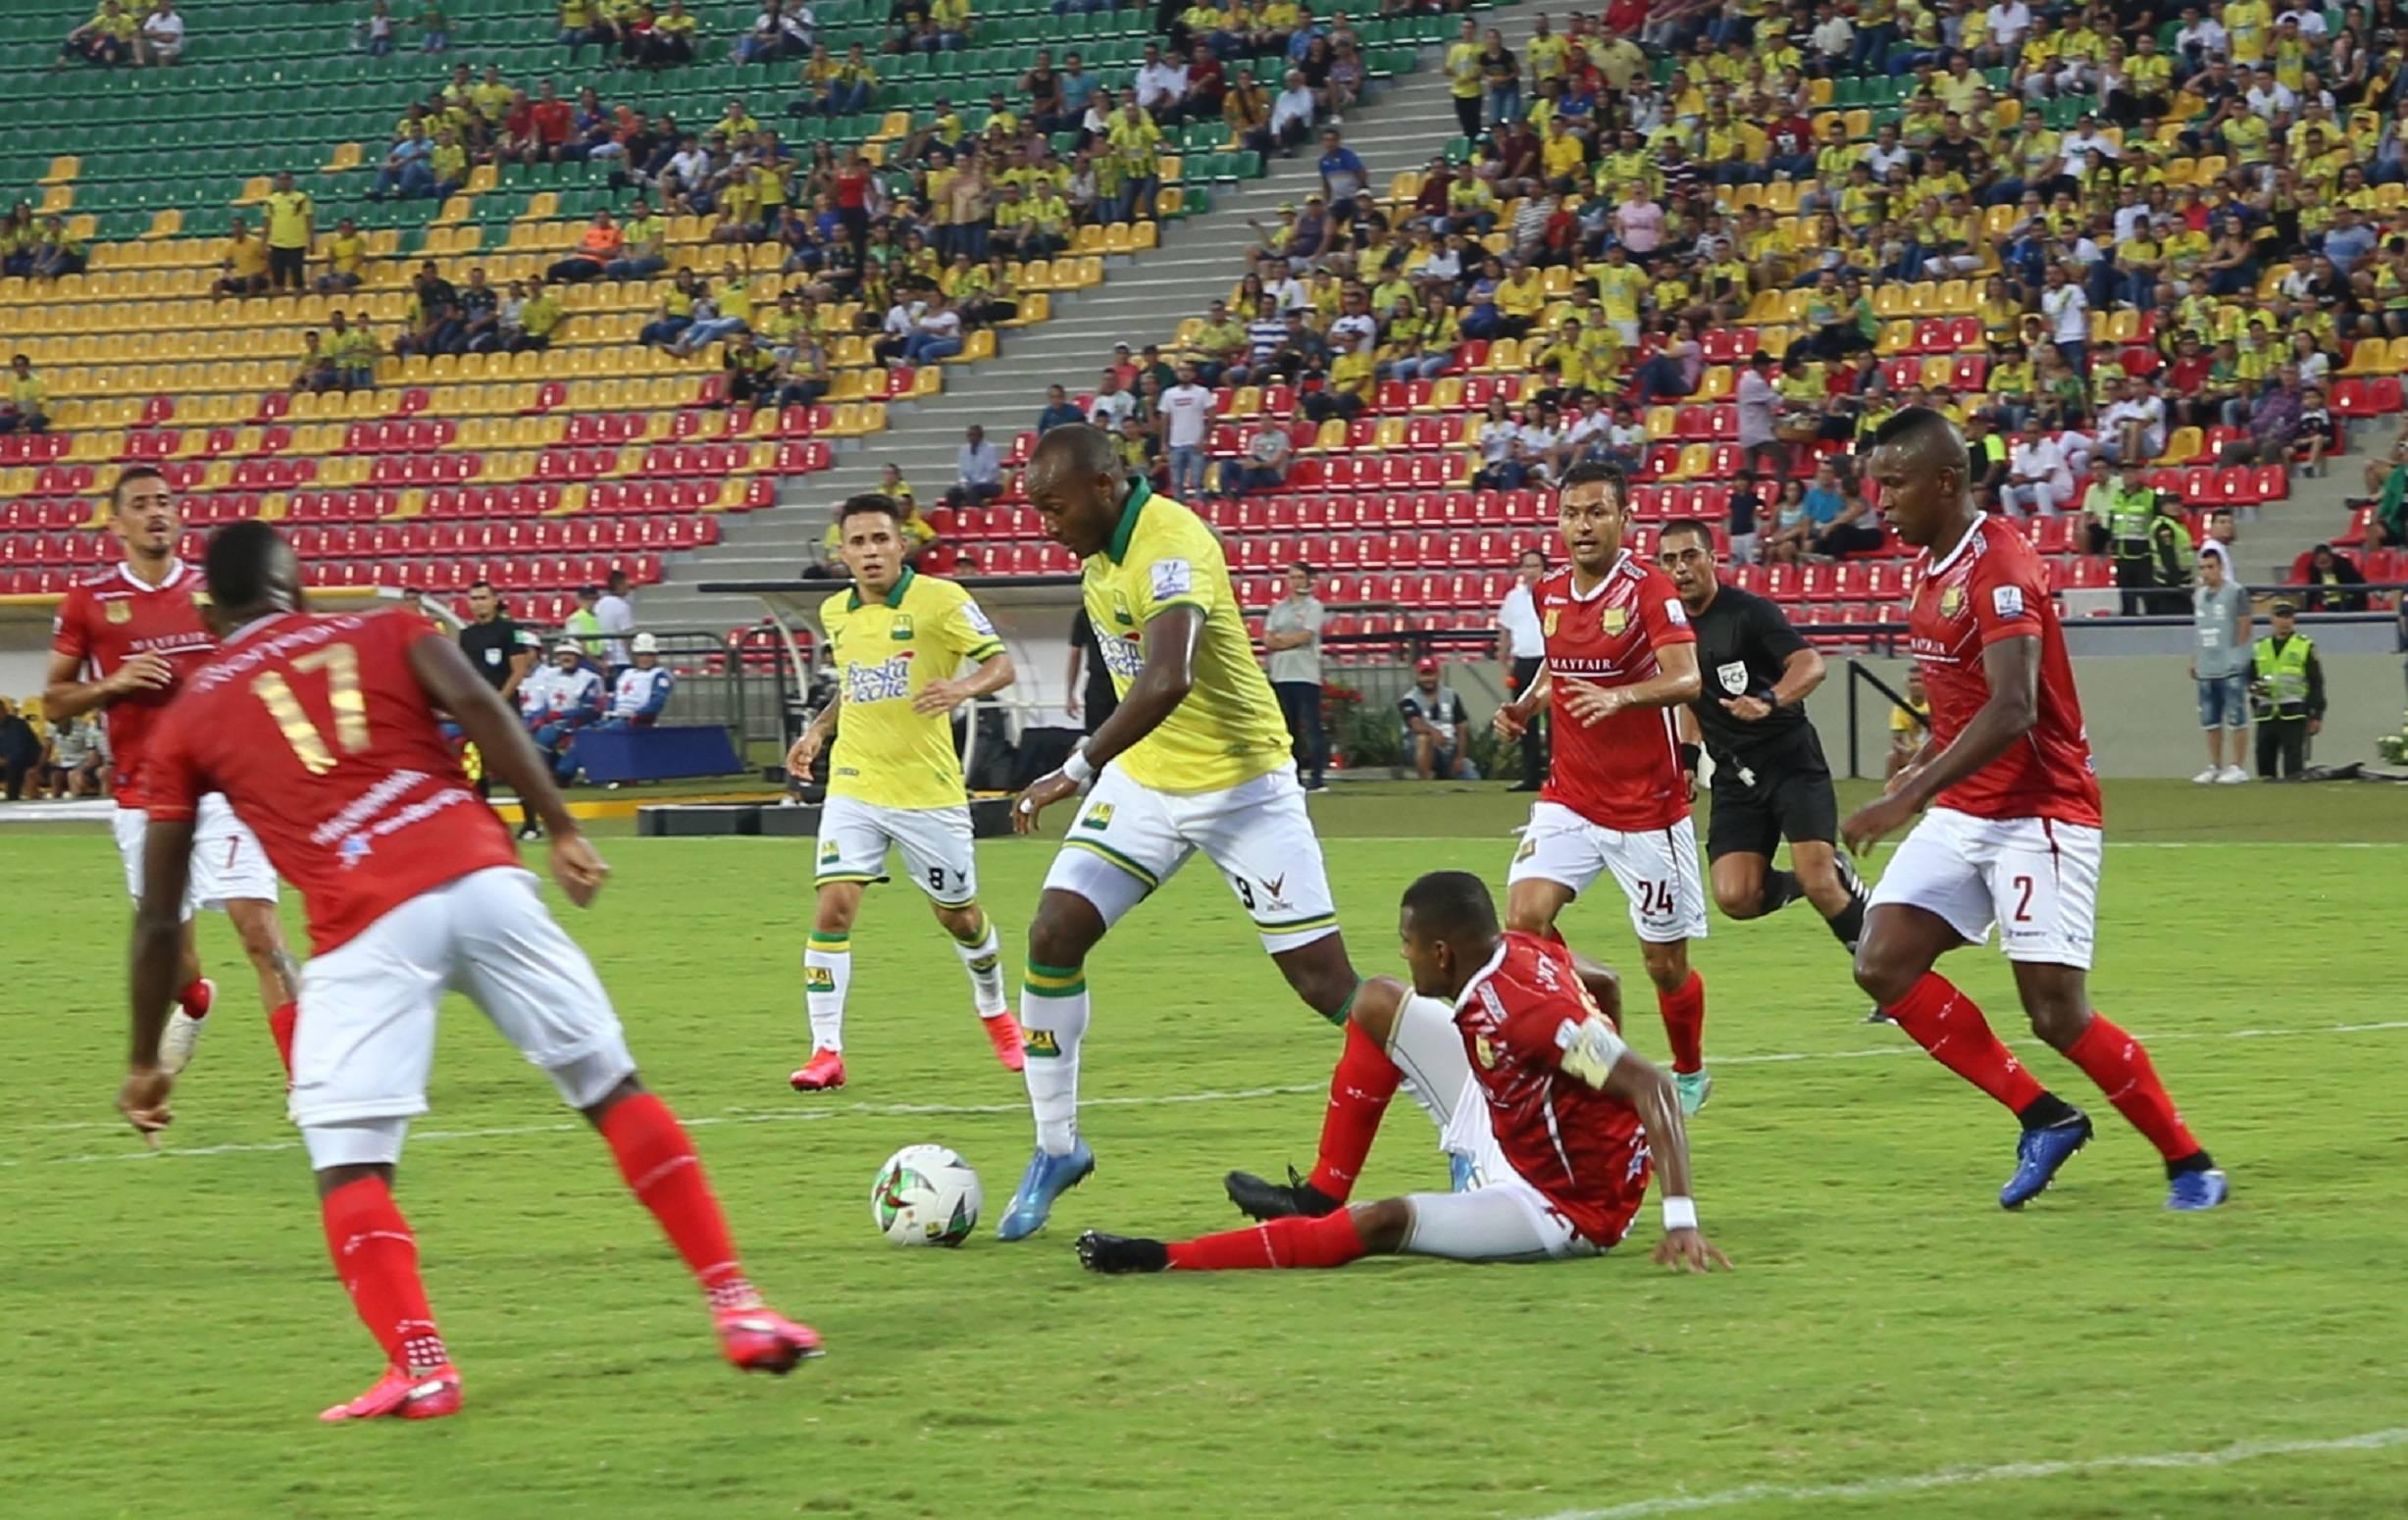 Previo Del Partido Bucaramanga Vs Junior En La Fecha 8 De La Liga Futbol Colombiano Deportes Eltiempo Com